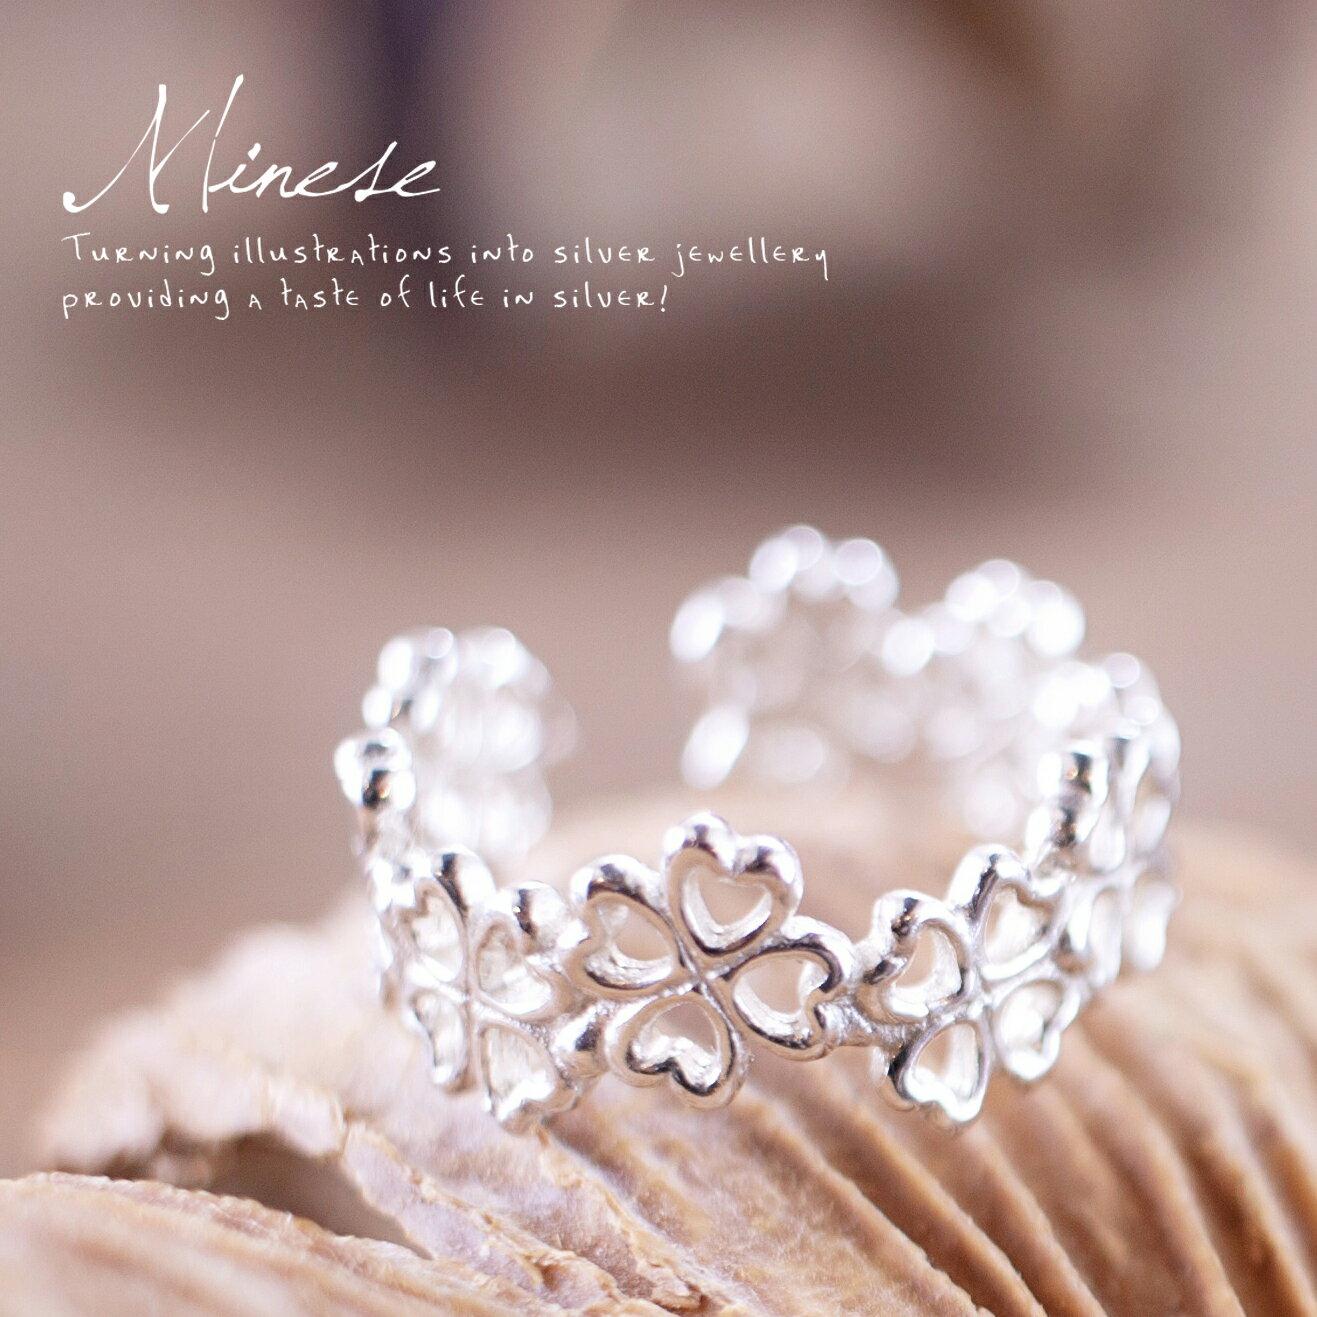 四葉幸運草戒指 F003, 925純銀、項鍊戒指手鍊飾品銀飾手作珠寶MIT設計師品牌~手工製作